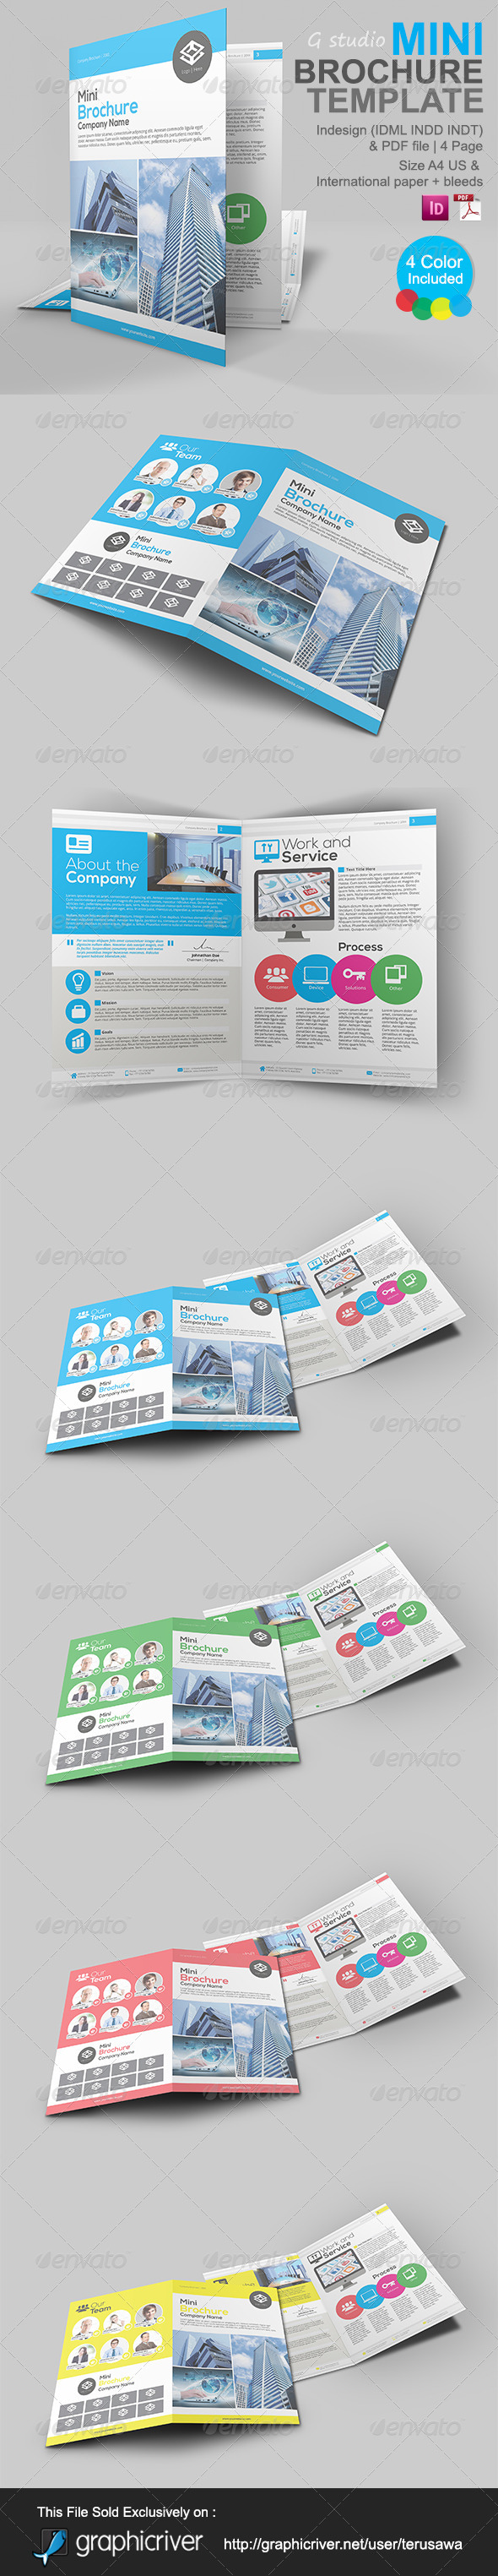 GraphicRiver Gstudio Mini Brochure Template 5055743